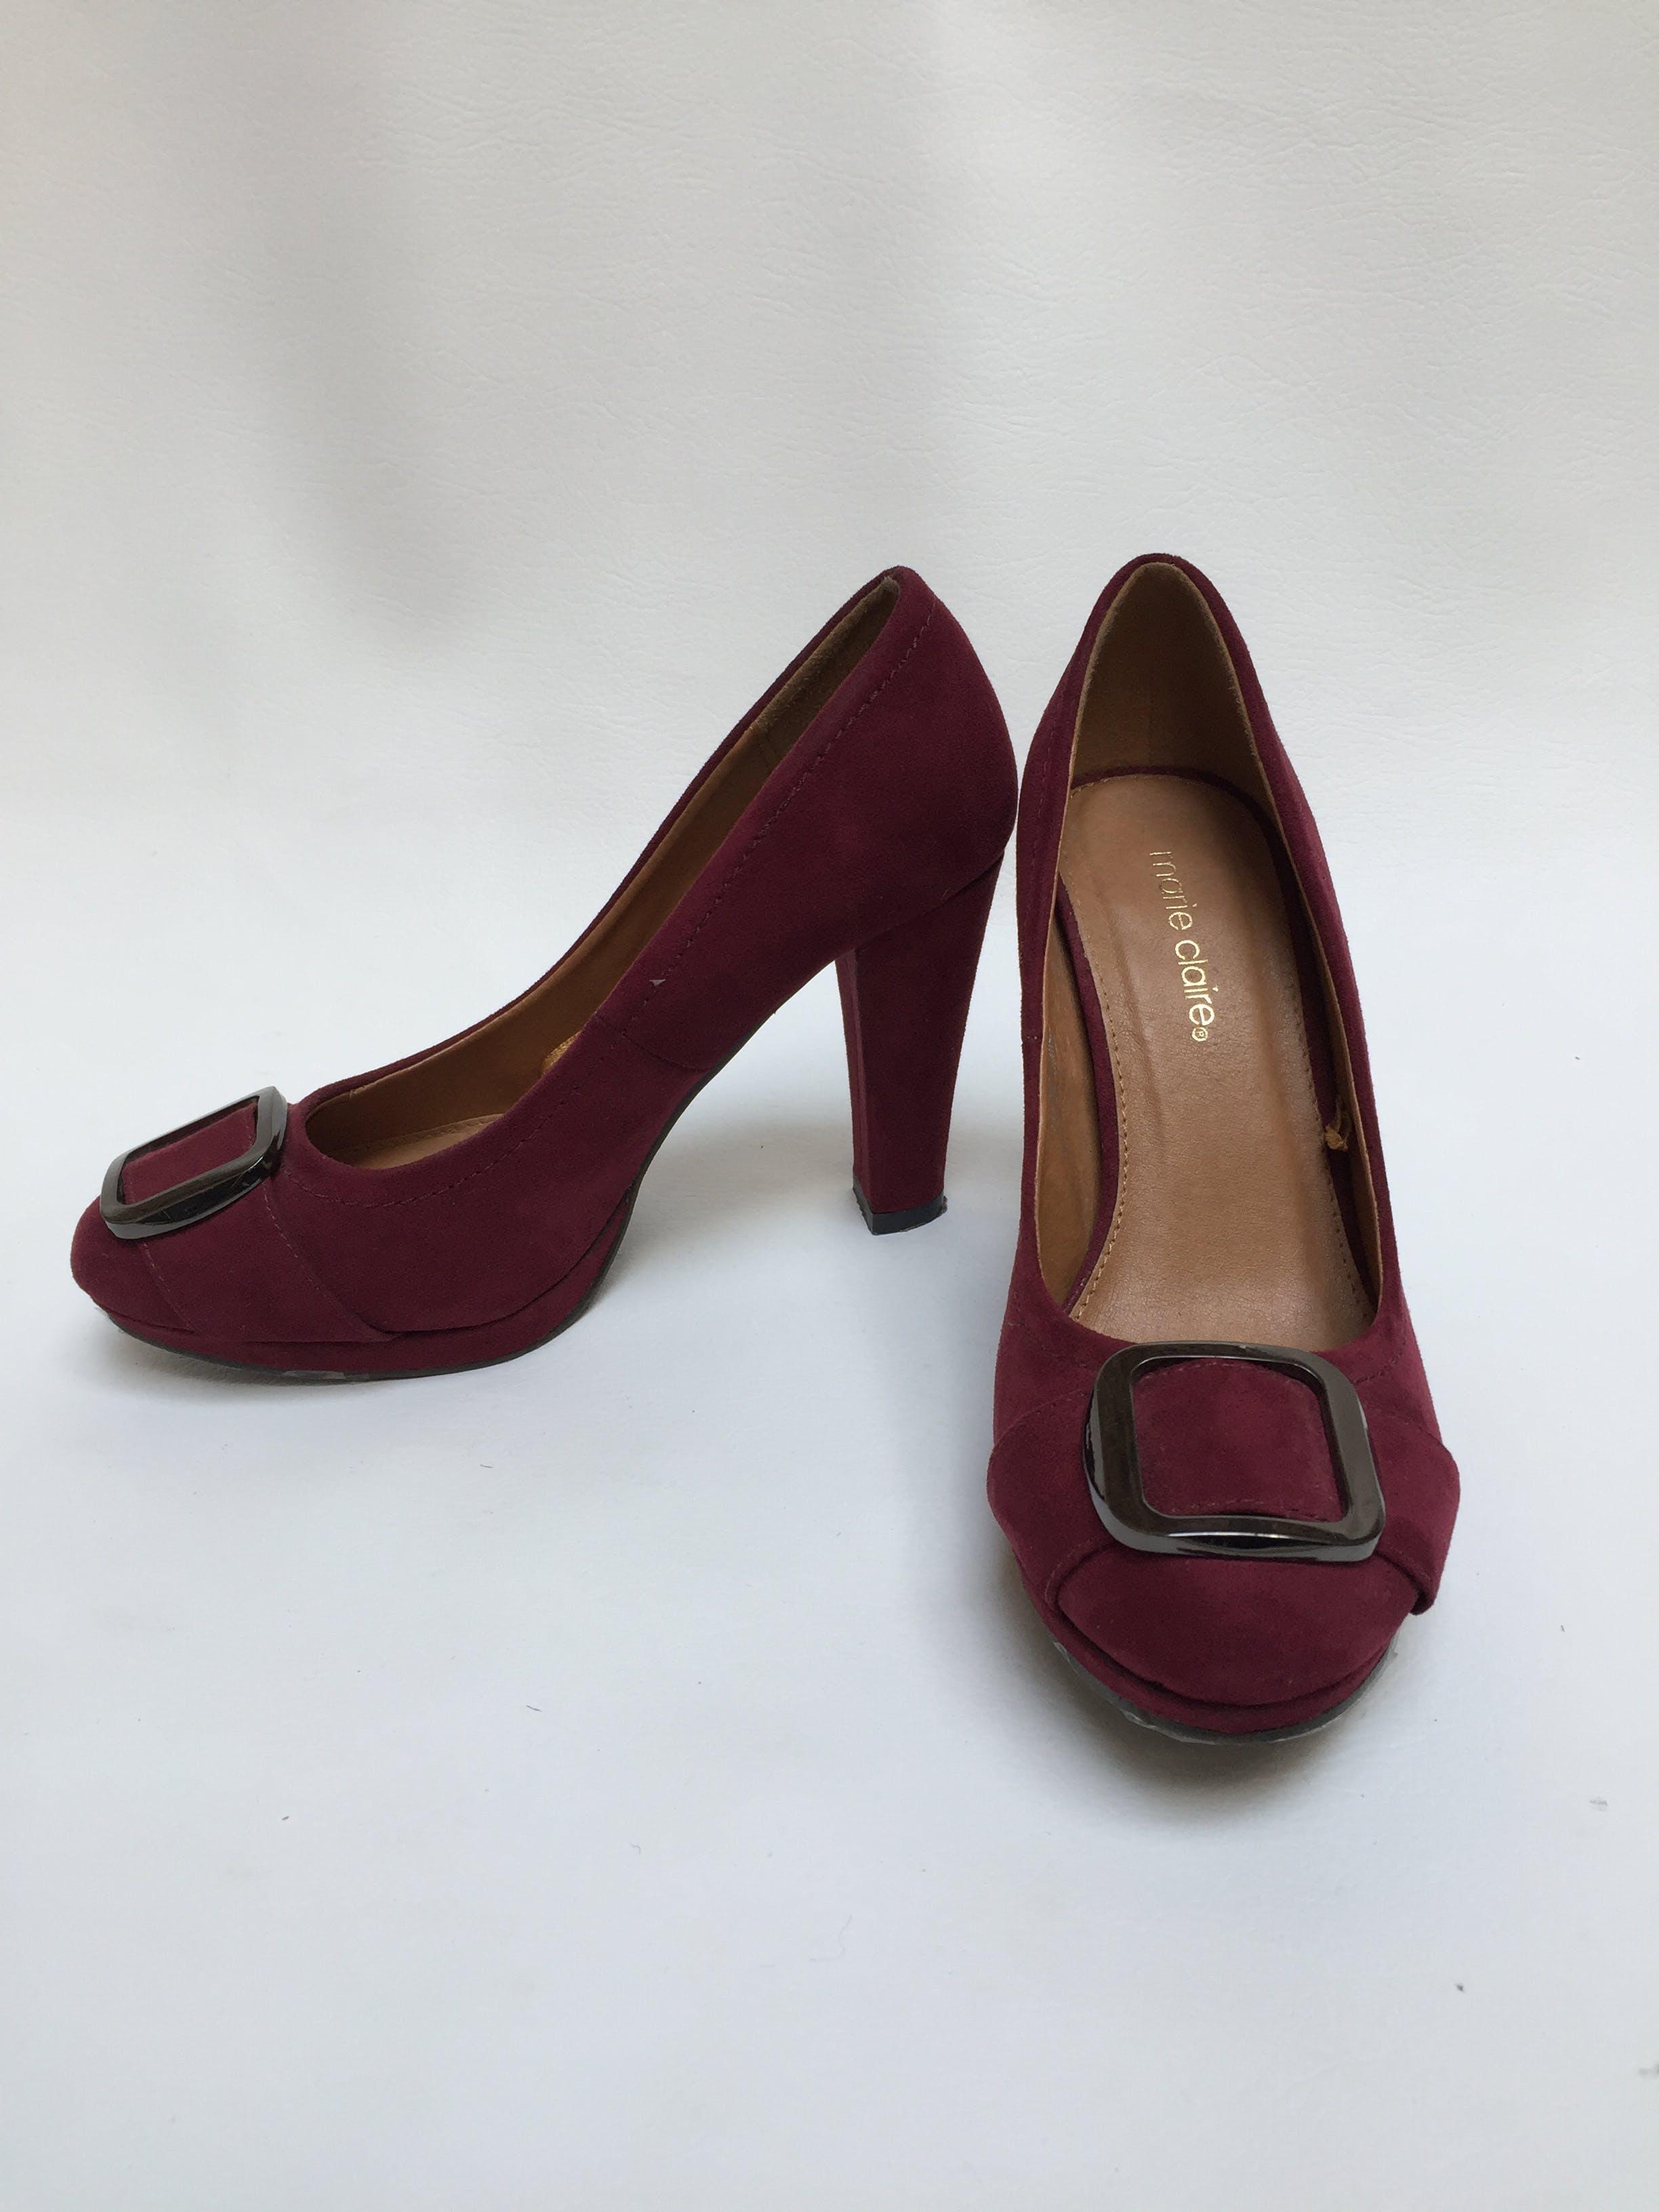 Zapatos Marie Claire tipo gamuza guinda con detalle de hebilla plateada, taco 9. Nuevas! Talla 39